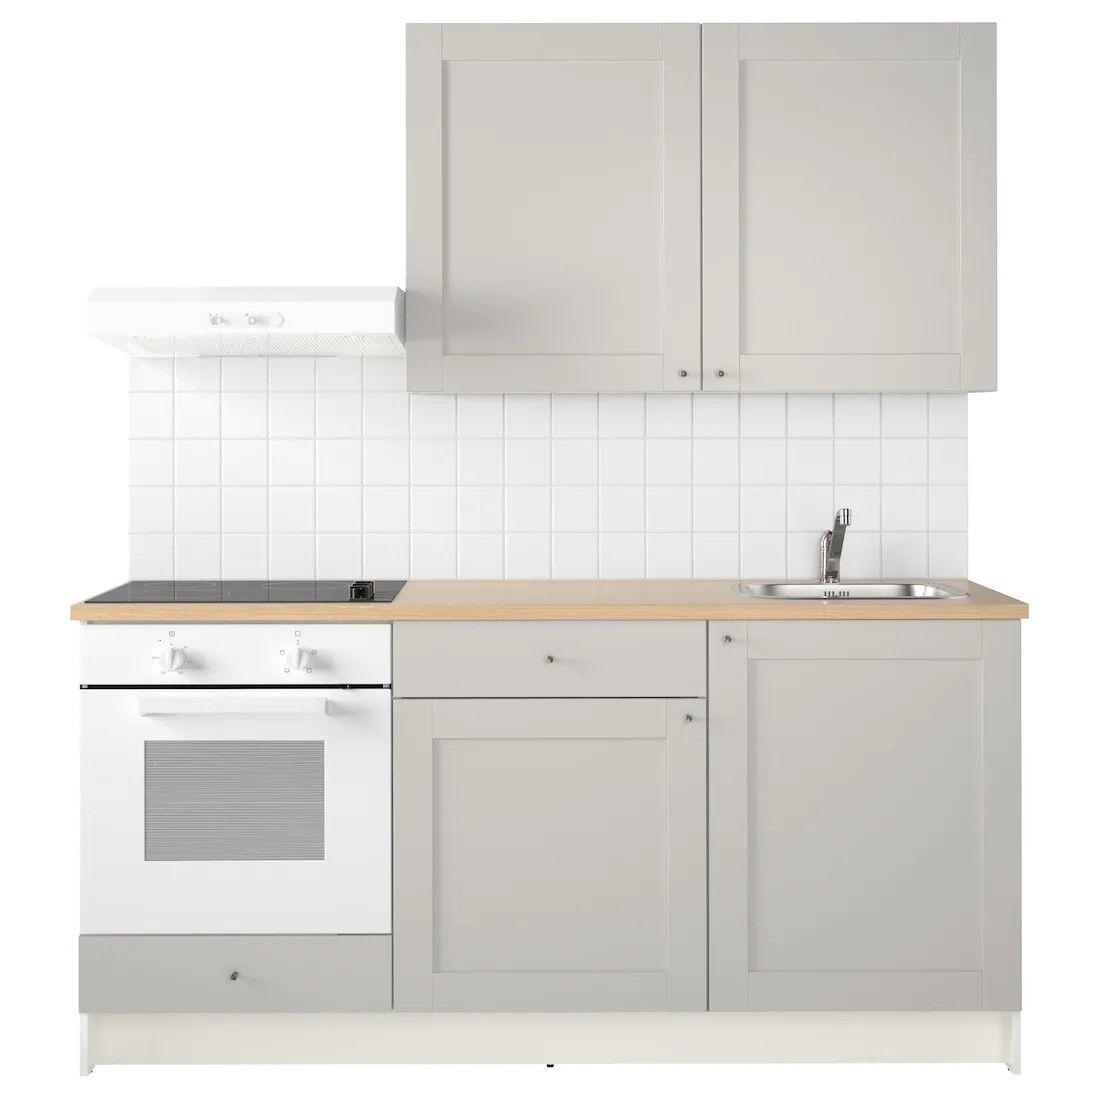 Image Cuisine Ikea Grise De Nour Bell Du Tableau Maison Cuisine Ikea Cuisine Modulable